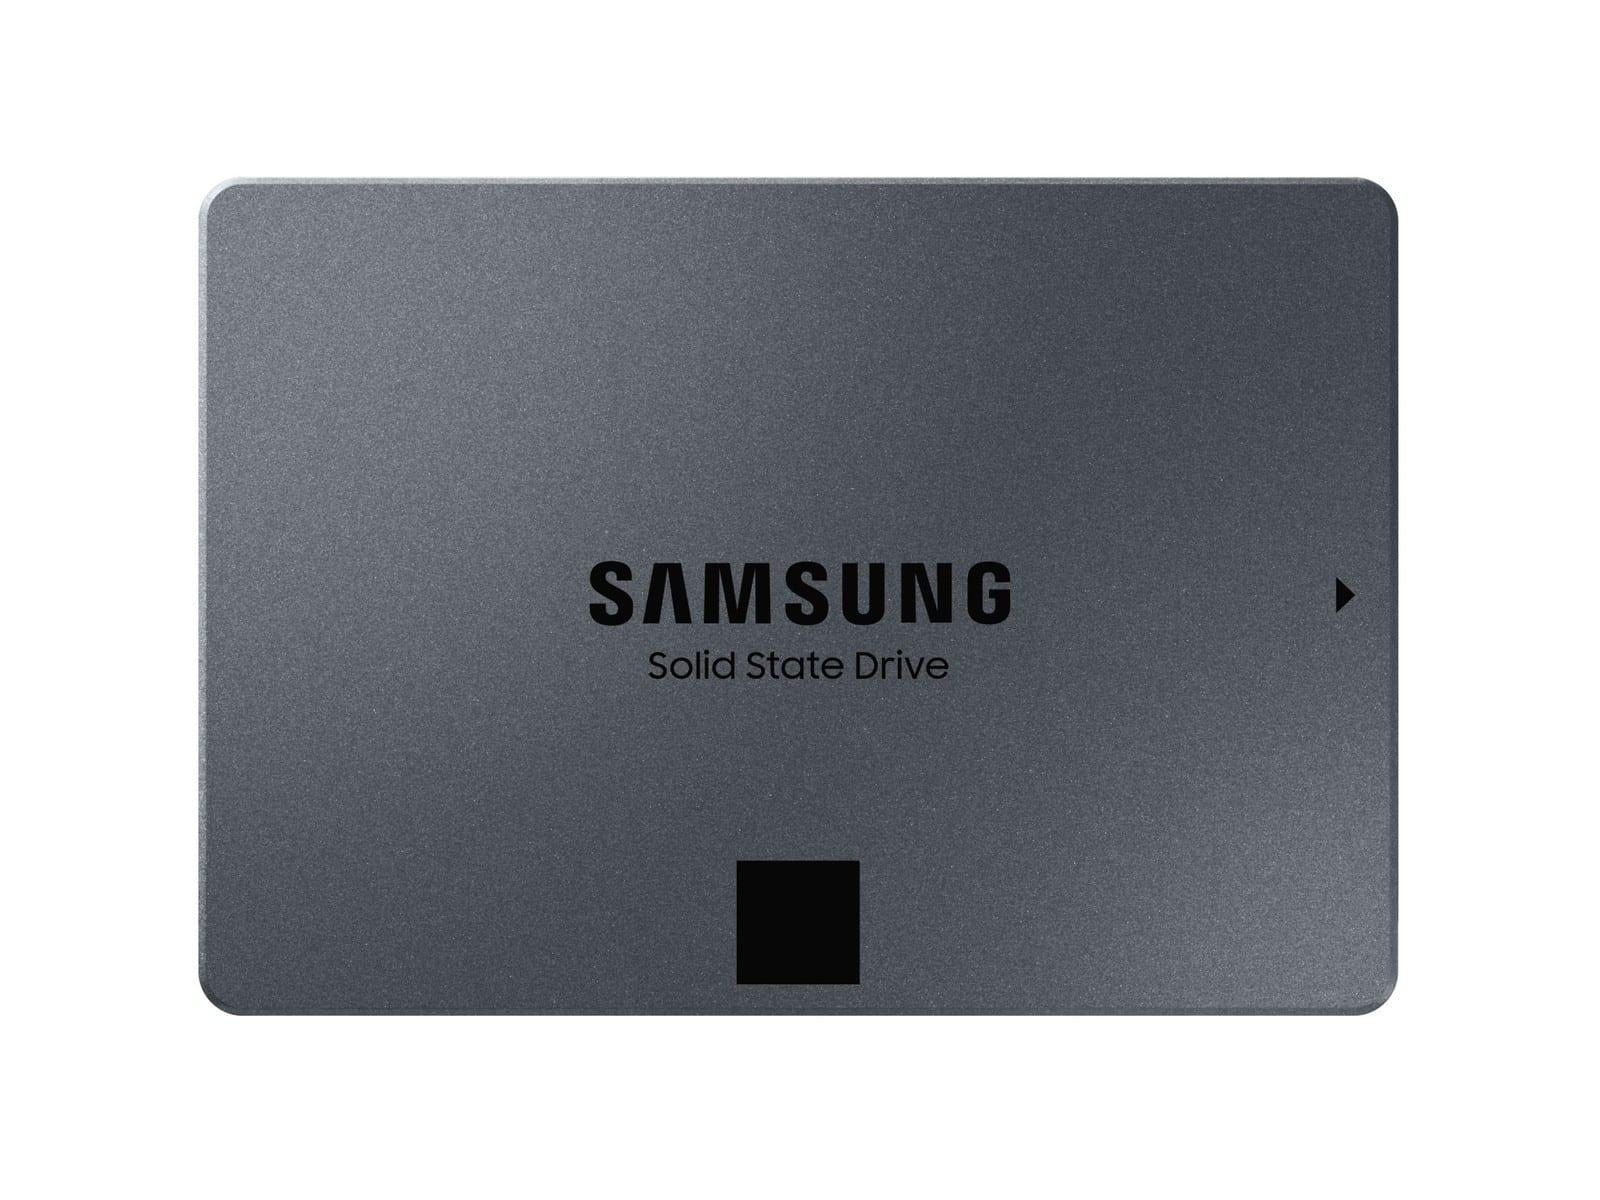 multi-terabyte SSD